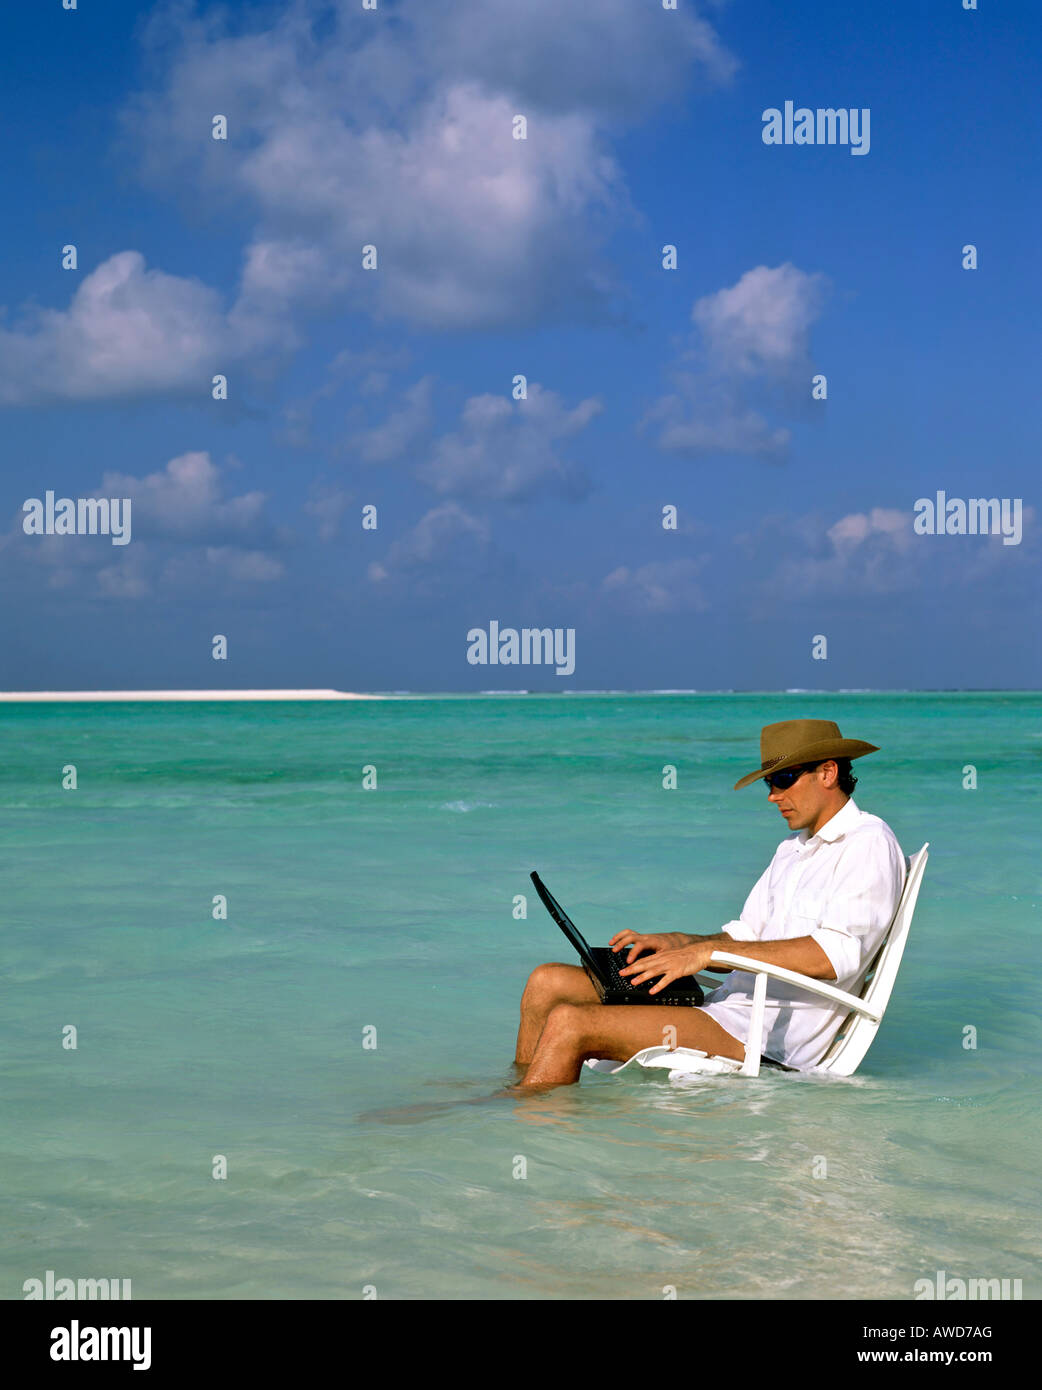 Junger Mann mit Laptop sitzen im Liegestuhl, Arbeit und Entspannung, Urlaub und Stress, Malediven, Indischer Ozean Stockfoto